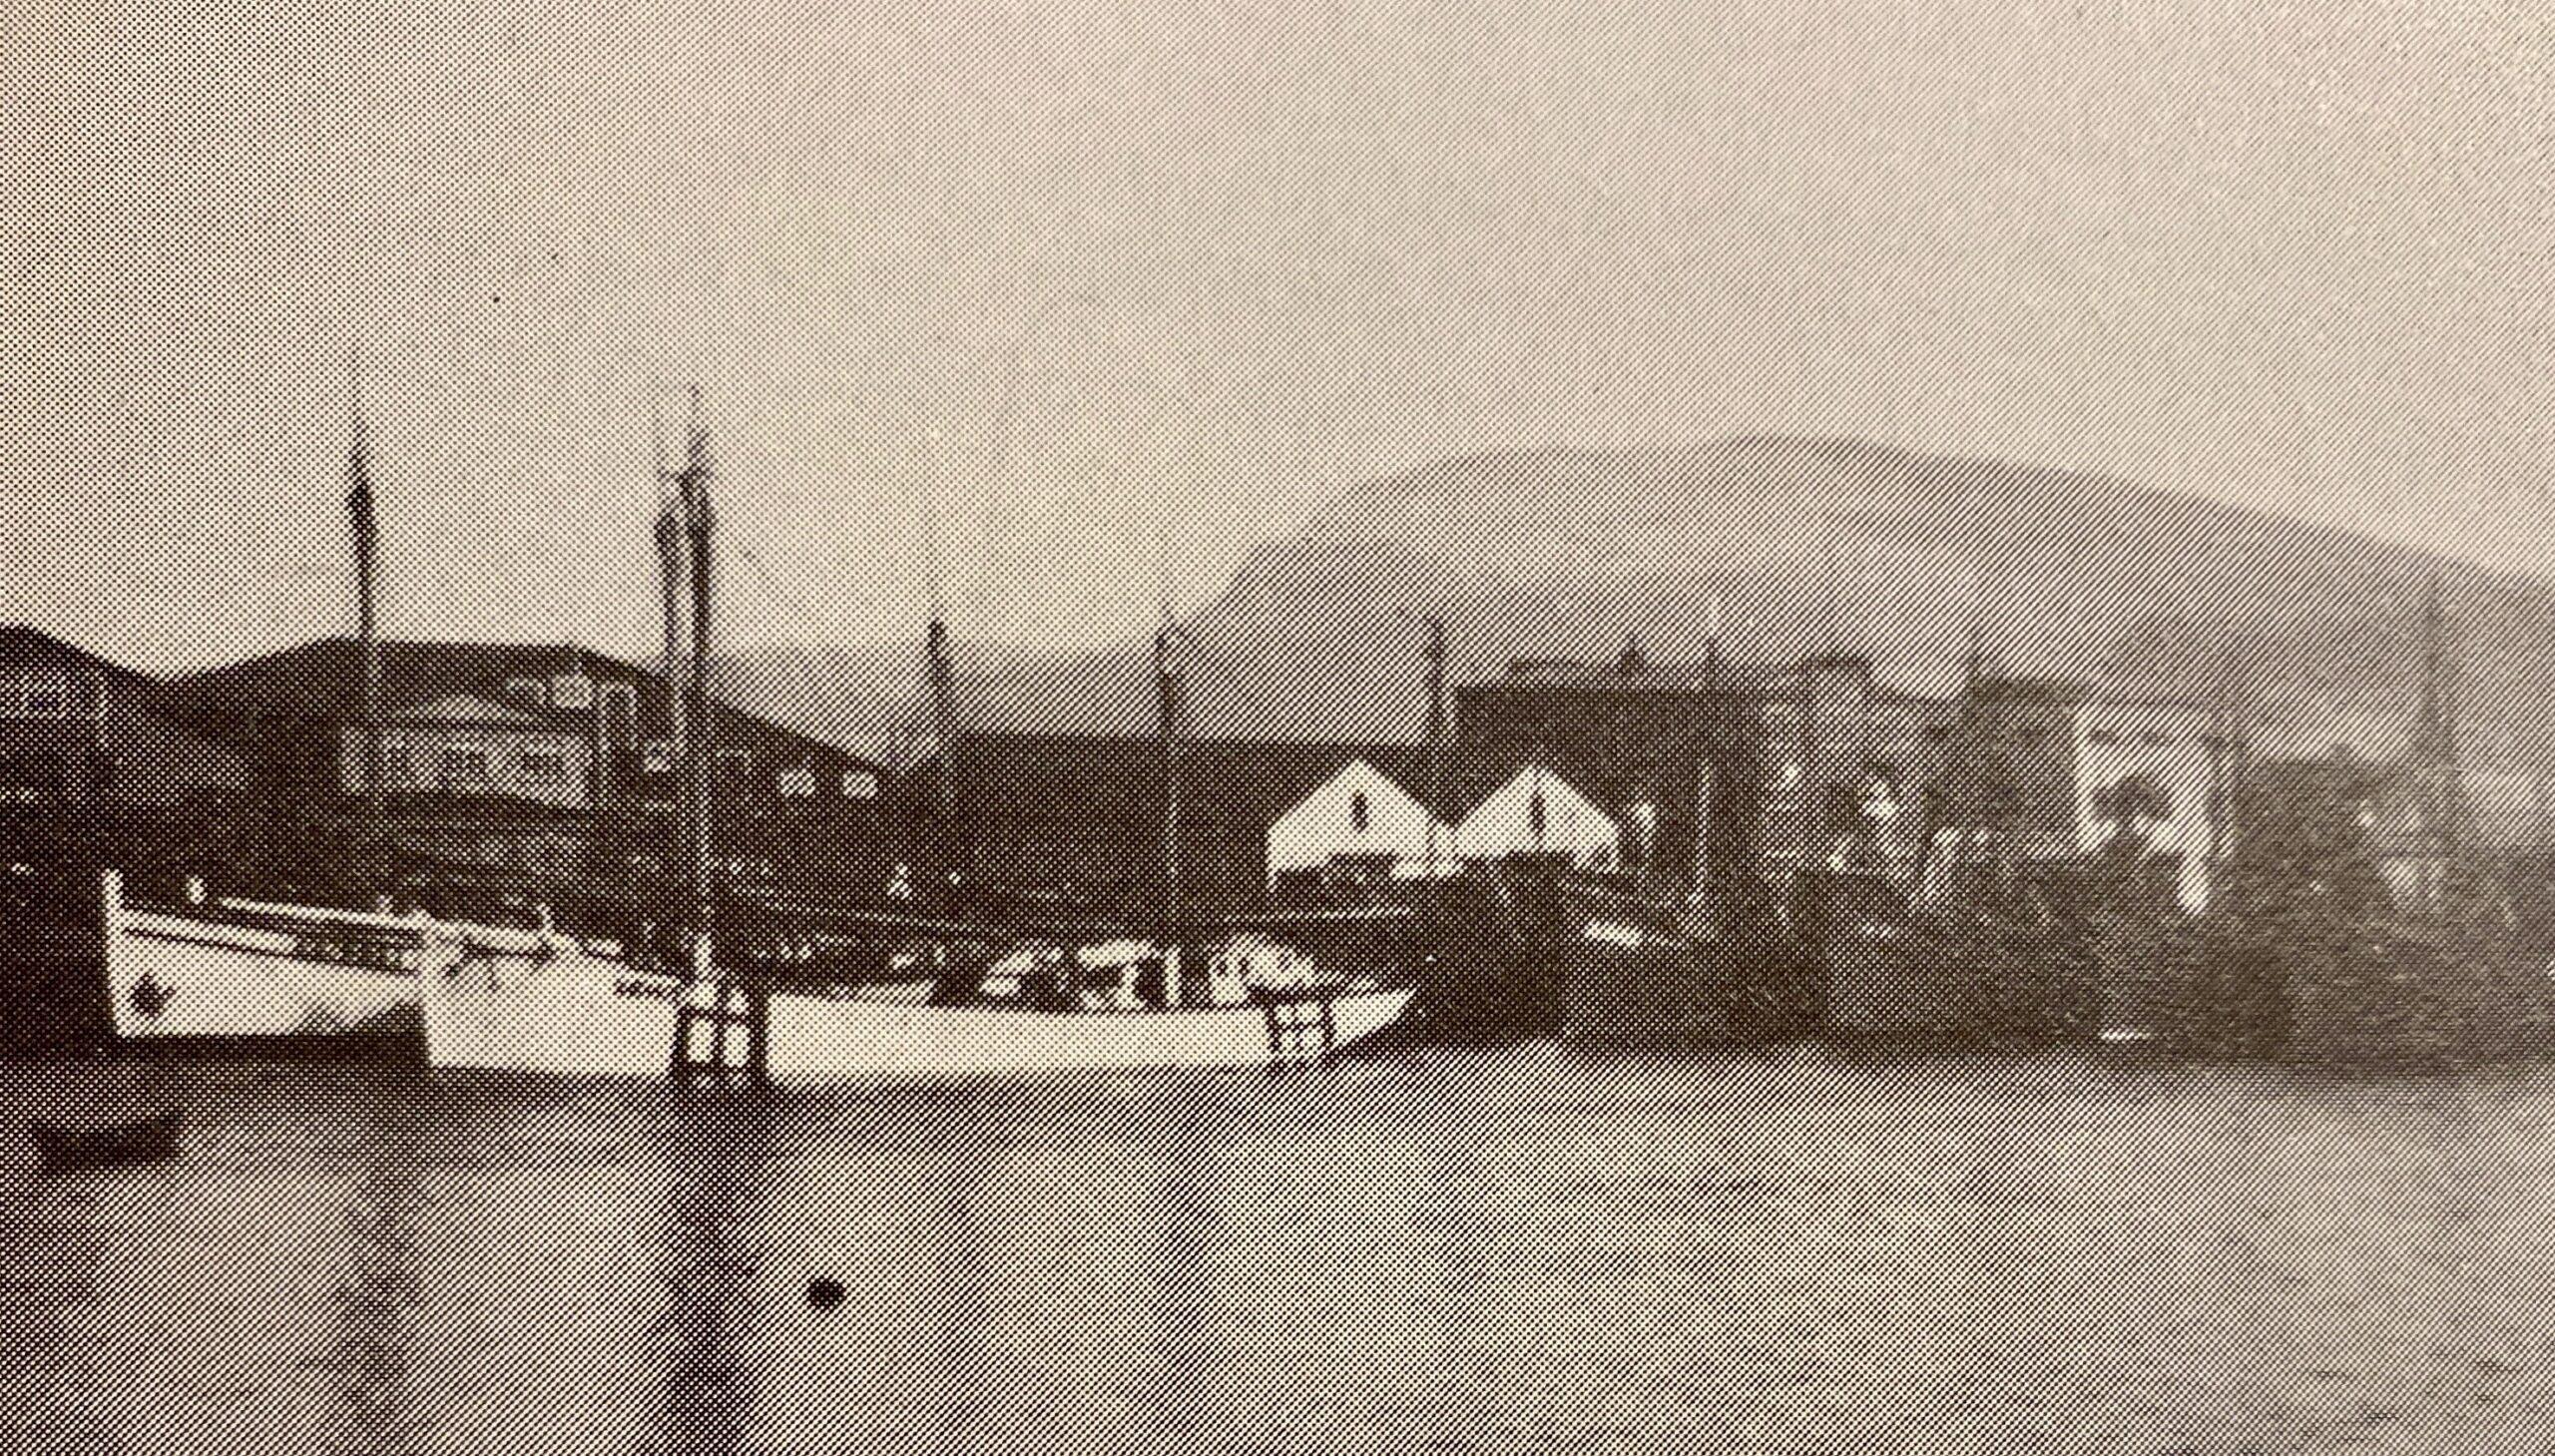 """""""St. Jaques"""" var álopin út fyri Kinnairds Head, men gjørdi kortini roktúr í apríl 1941. Her liggur hon við bryggju í Havn saman við """"Emanuel"""". Aftanfyri liggja vápnaðir bretskar trolarar."""